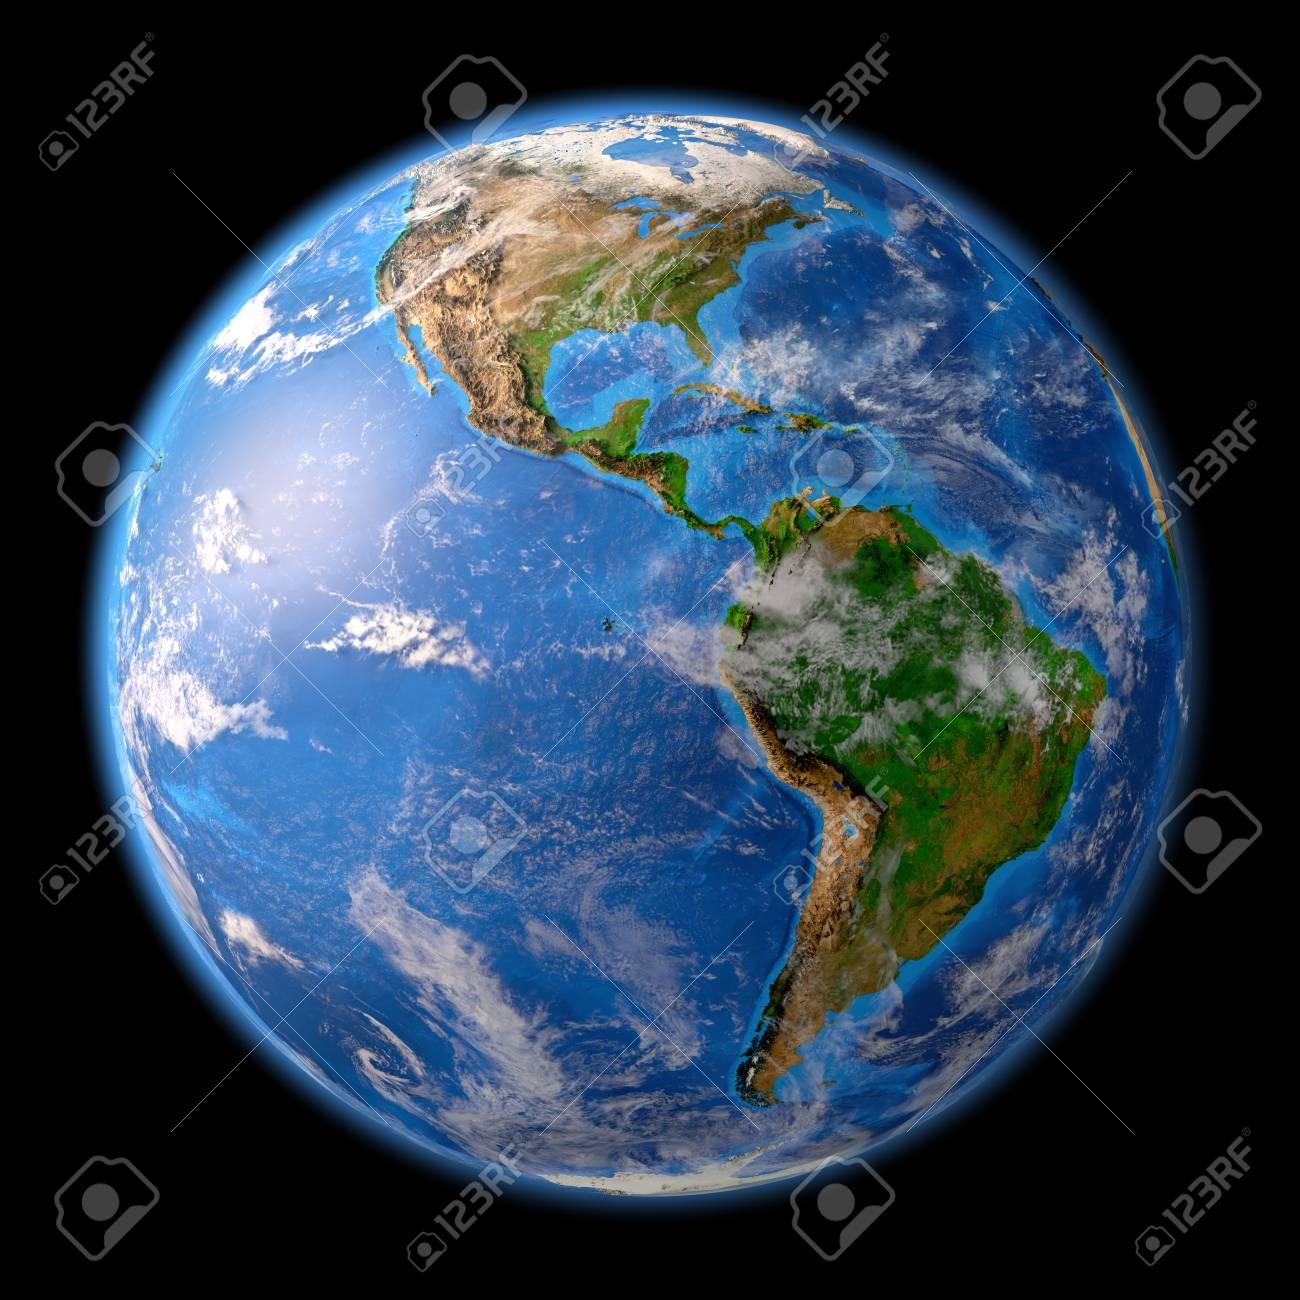 Planeta Tierra Vista Satelital Detallada De La Tierra Y Sus